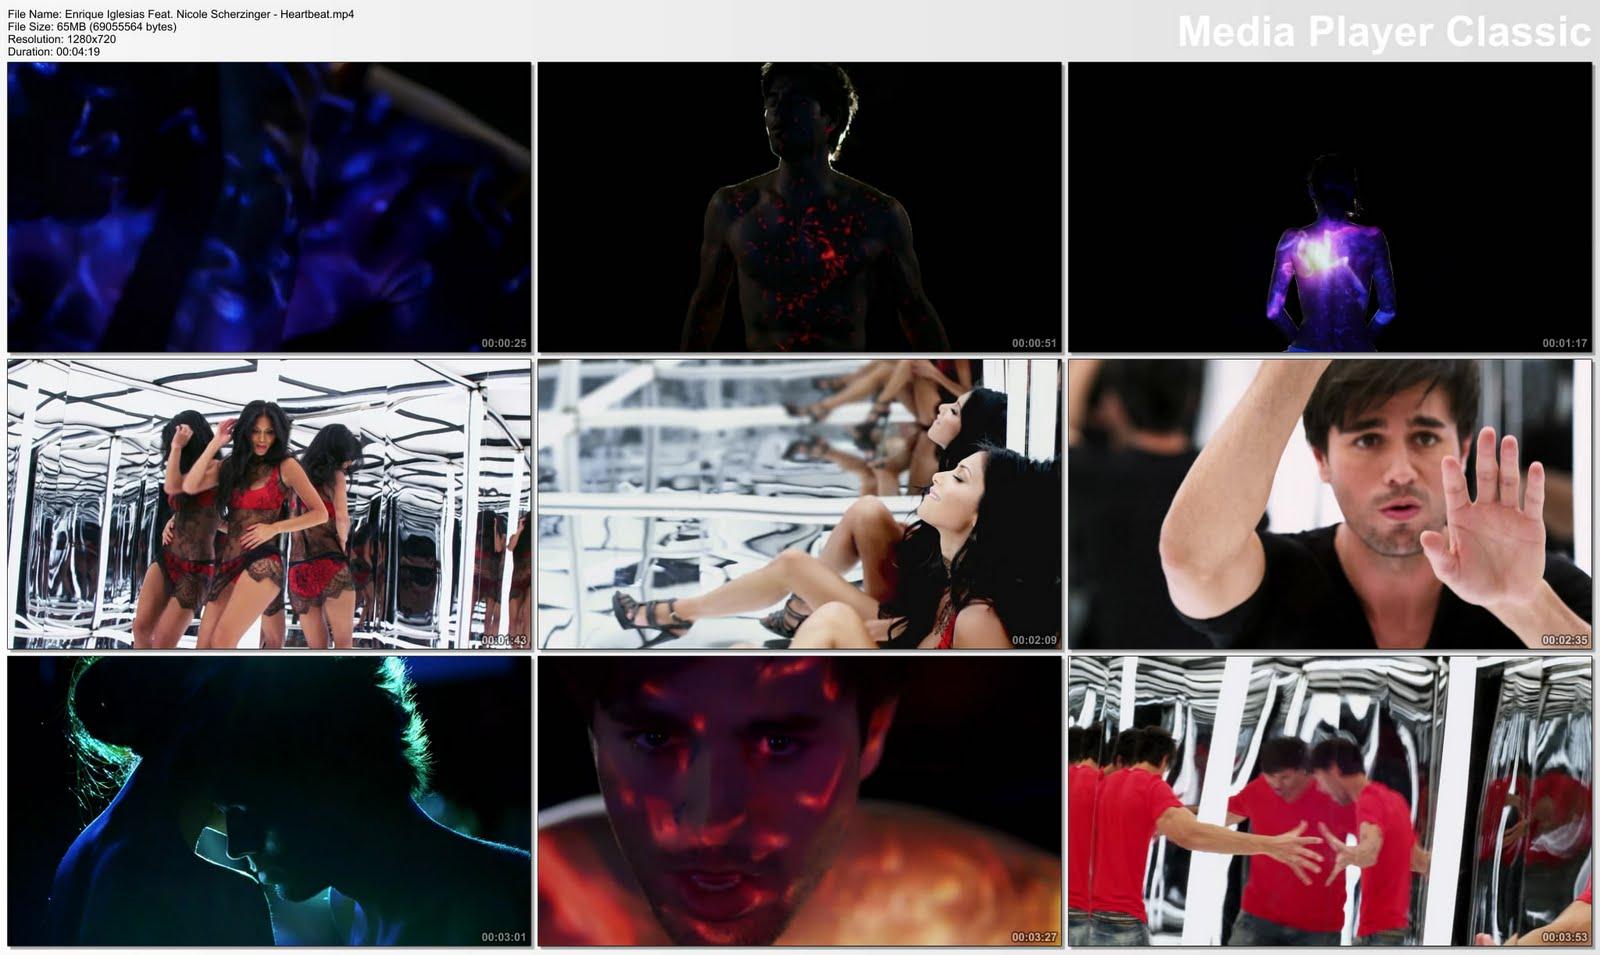 http://1.bp.blogspot.com/-NgeFT4GHUWc/TfqxuzHojmI/AAAAAAAADLc/BEqtThwdxvo/s1600/Enrique+Iglesias+Feat.+Nicole+Scherzinger+-+Heartbeat.mp4_thumbs_%255B2011.06.16_21.25.35%255D.jpg